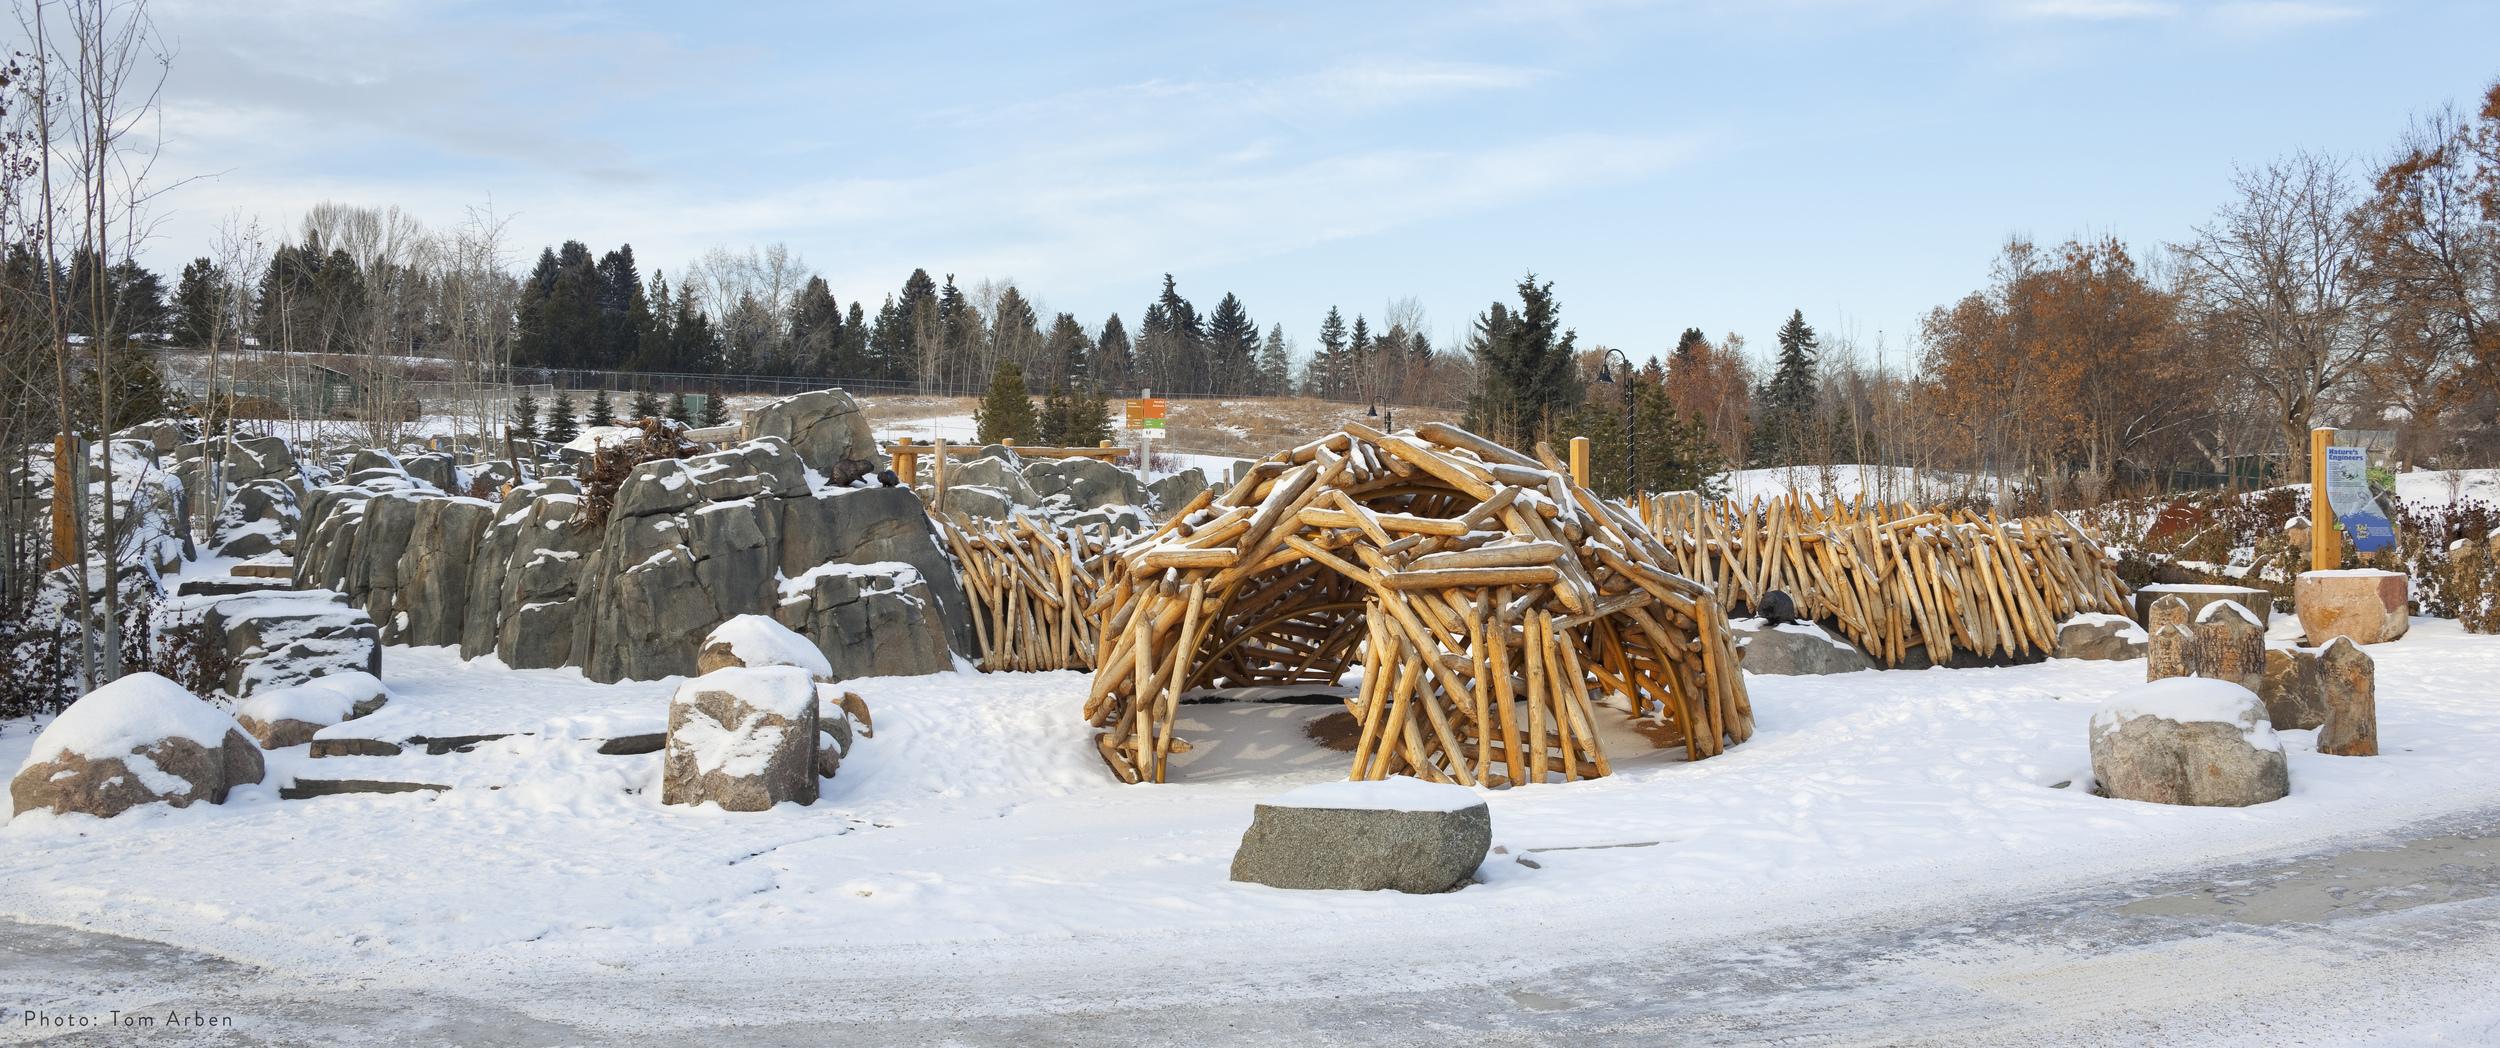 Edmonton Zoo Nov2014 (27).jpg